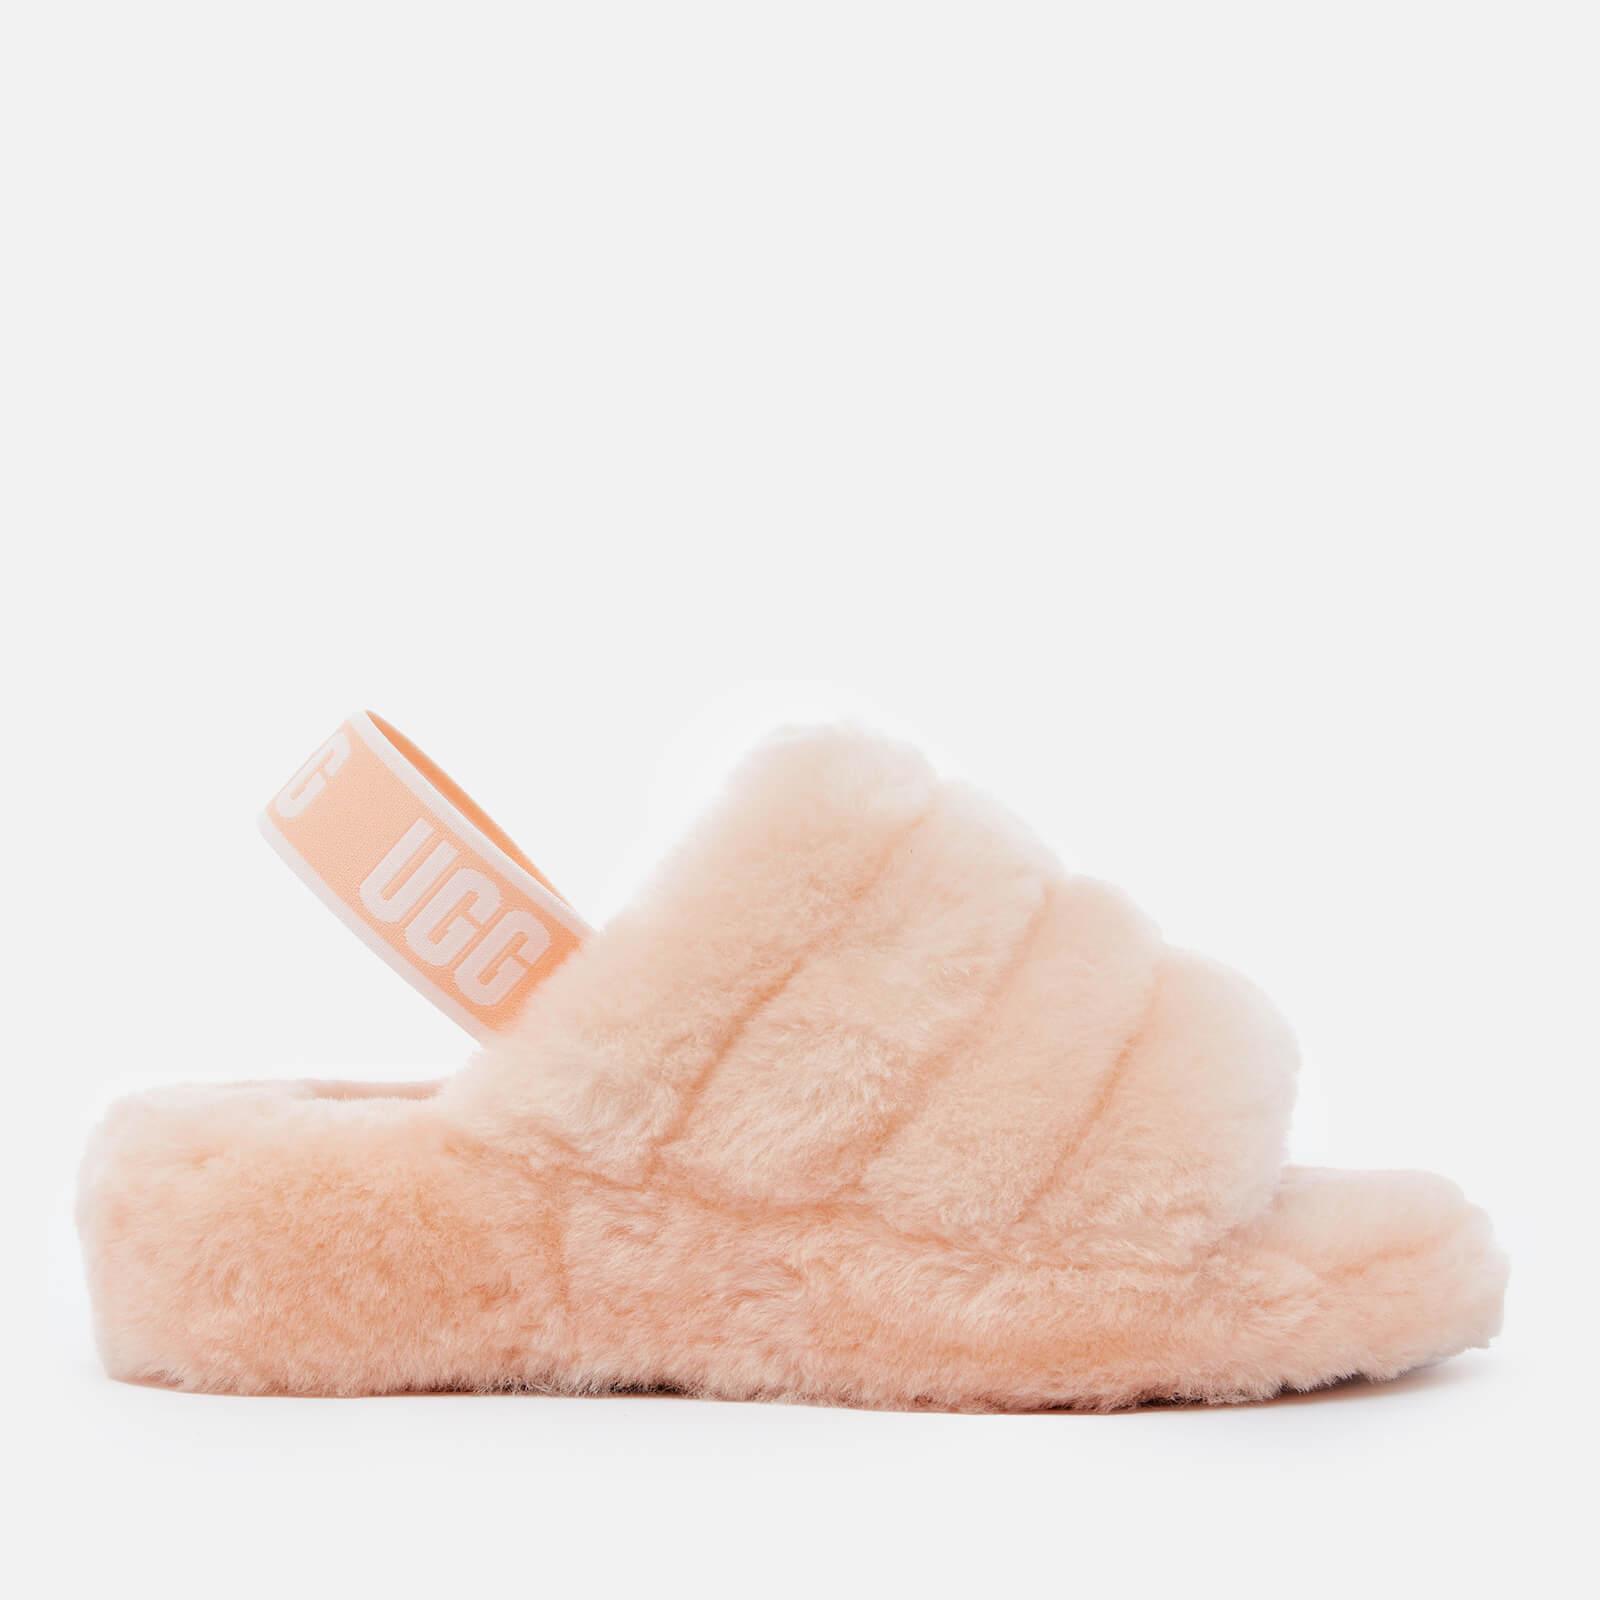 Ugg Women's Fluff Yeah Slide Sheepskin Sandals - Scallop - Uk 3